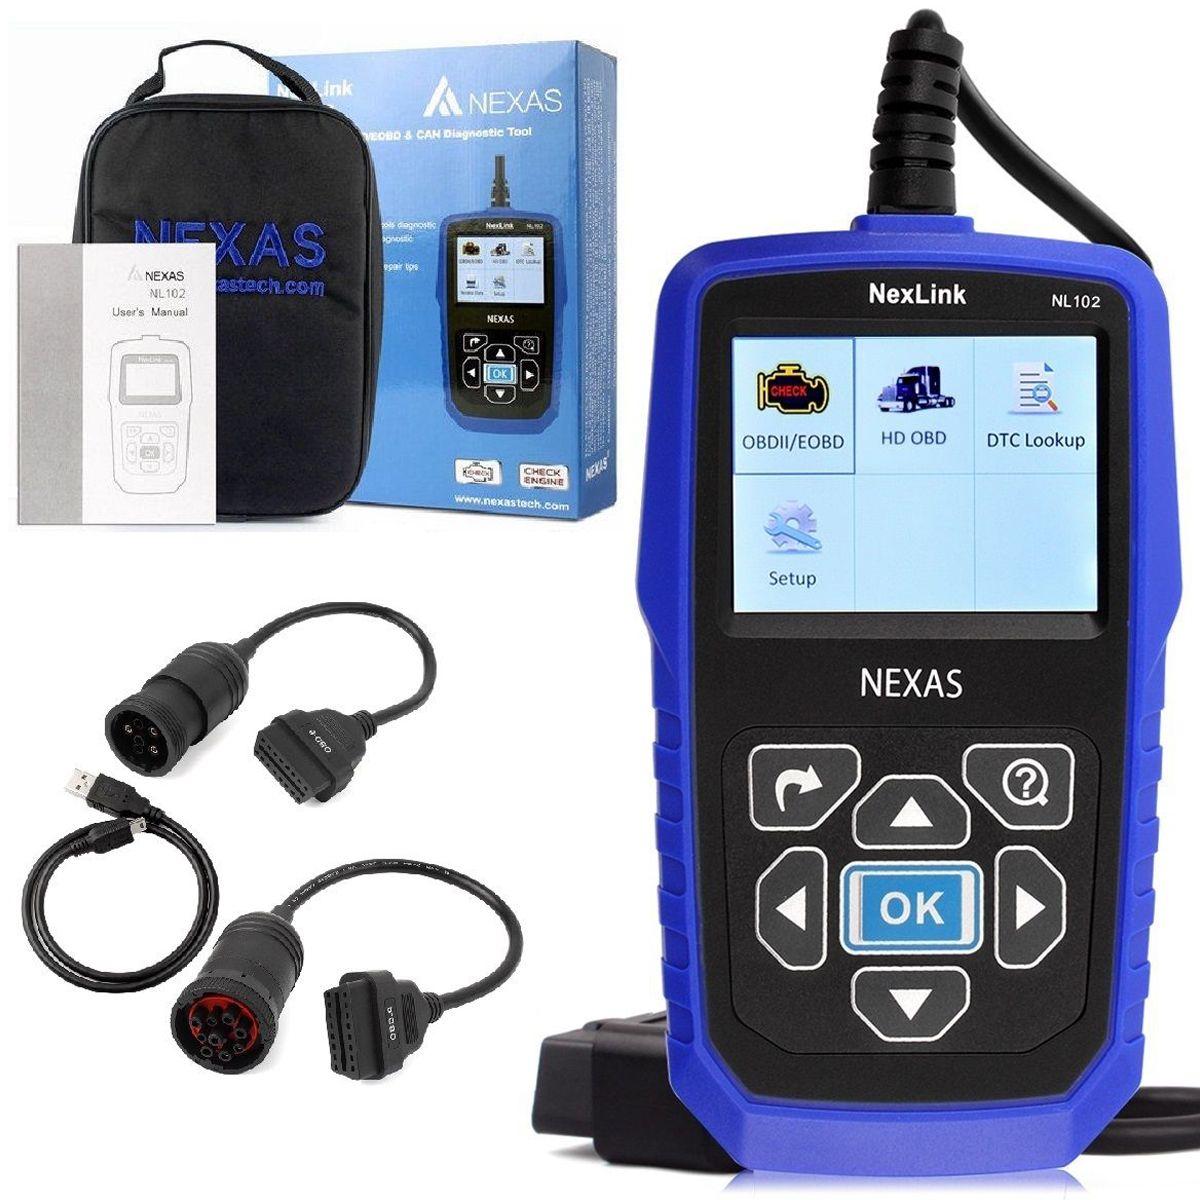 NEXAS NL102 автомобиль код читателя Поддержка полный OBDII Старт Creader грузовик и автомобиль OBD2 диагностики HD товара читателя дизель сканер